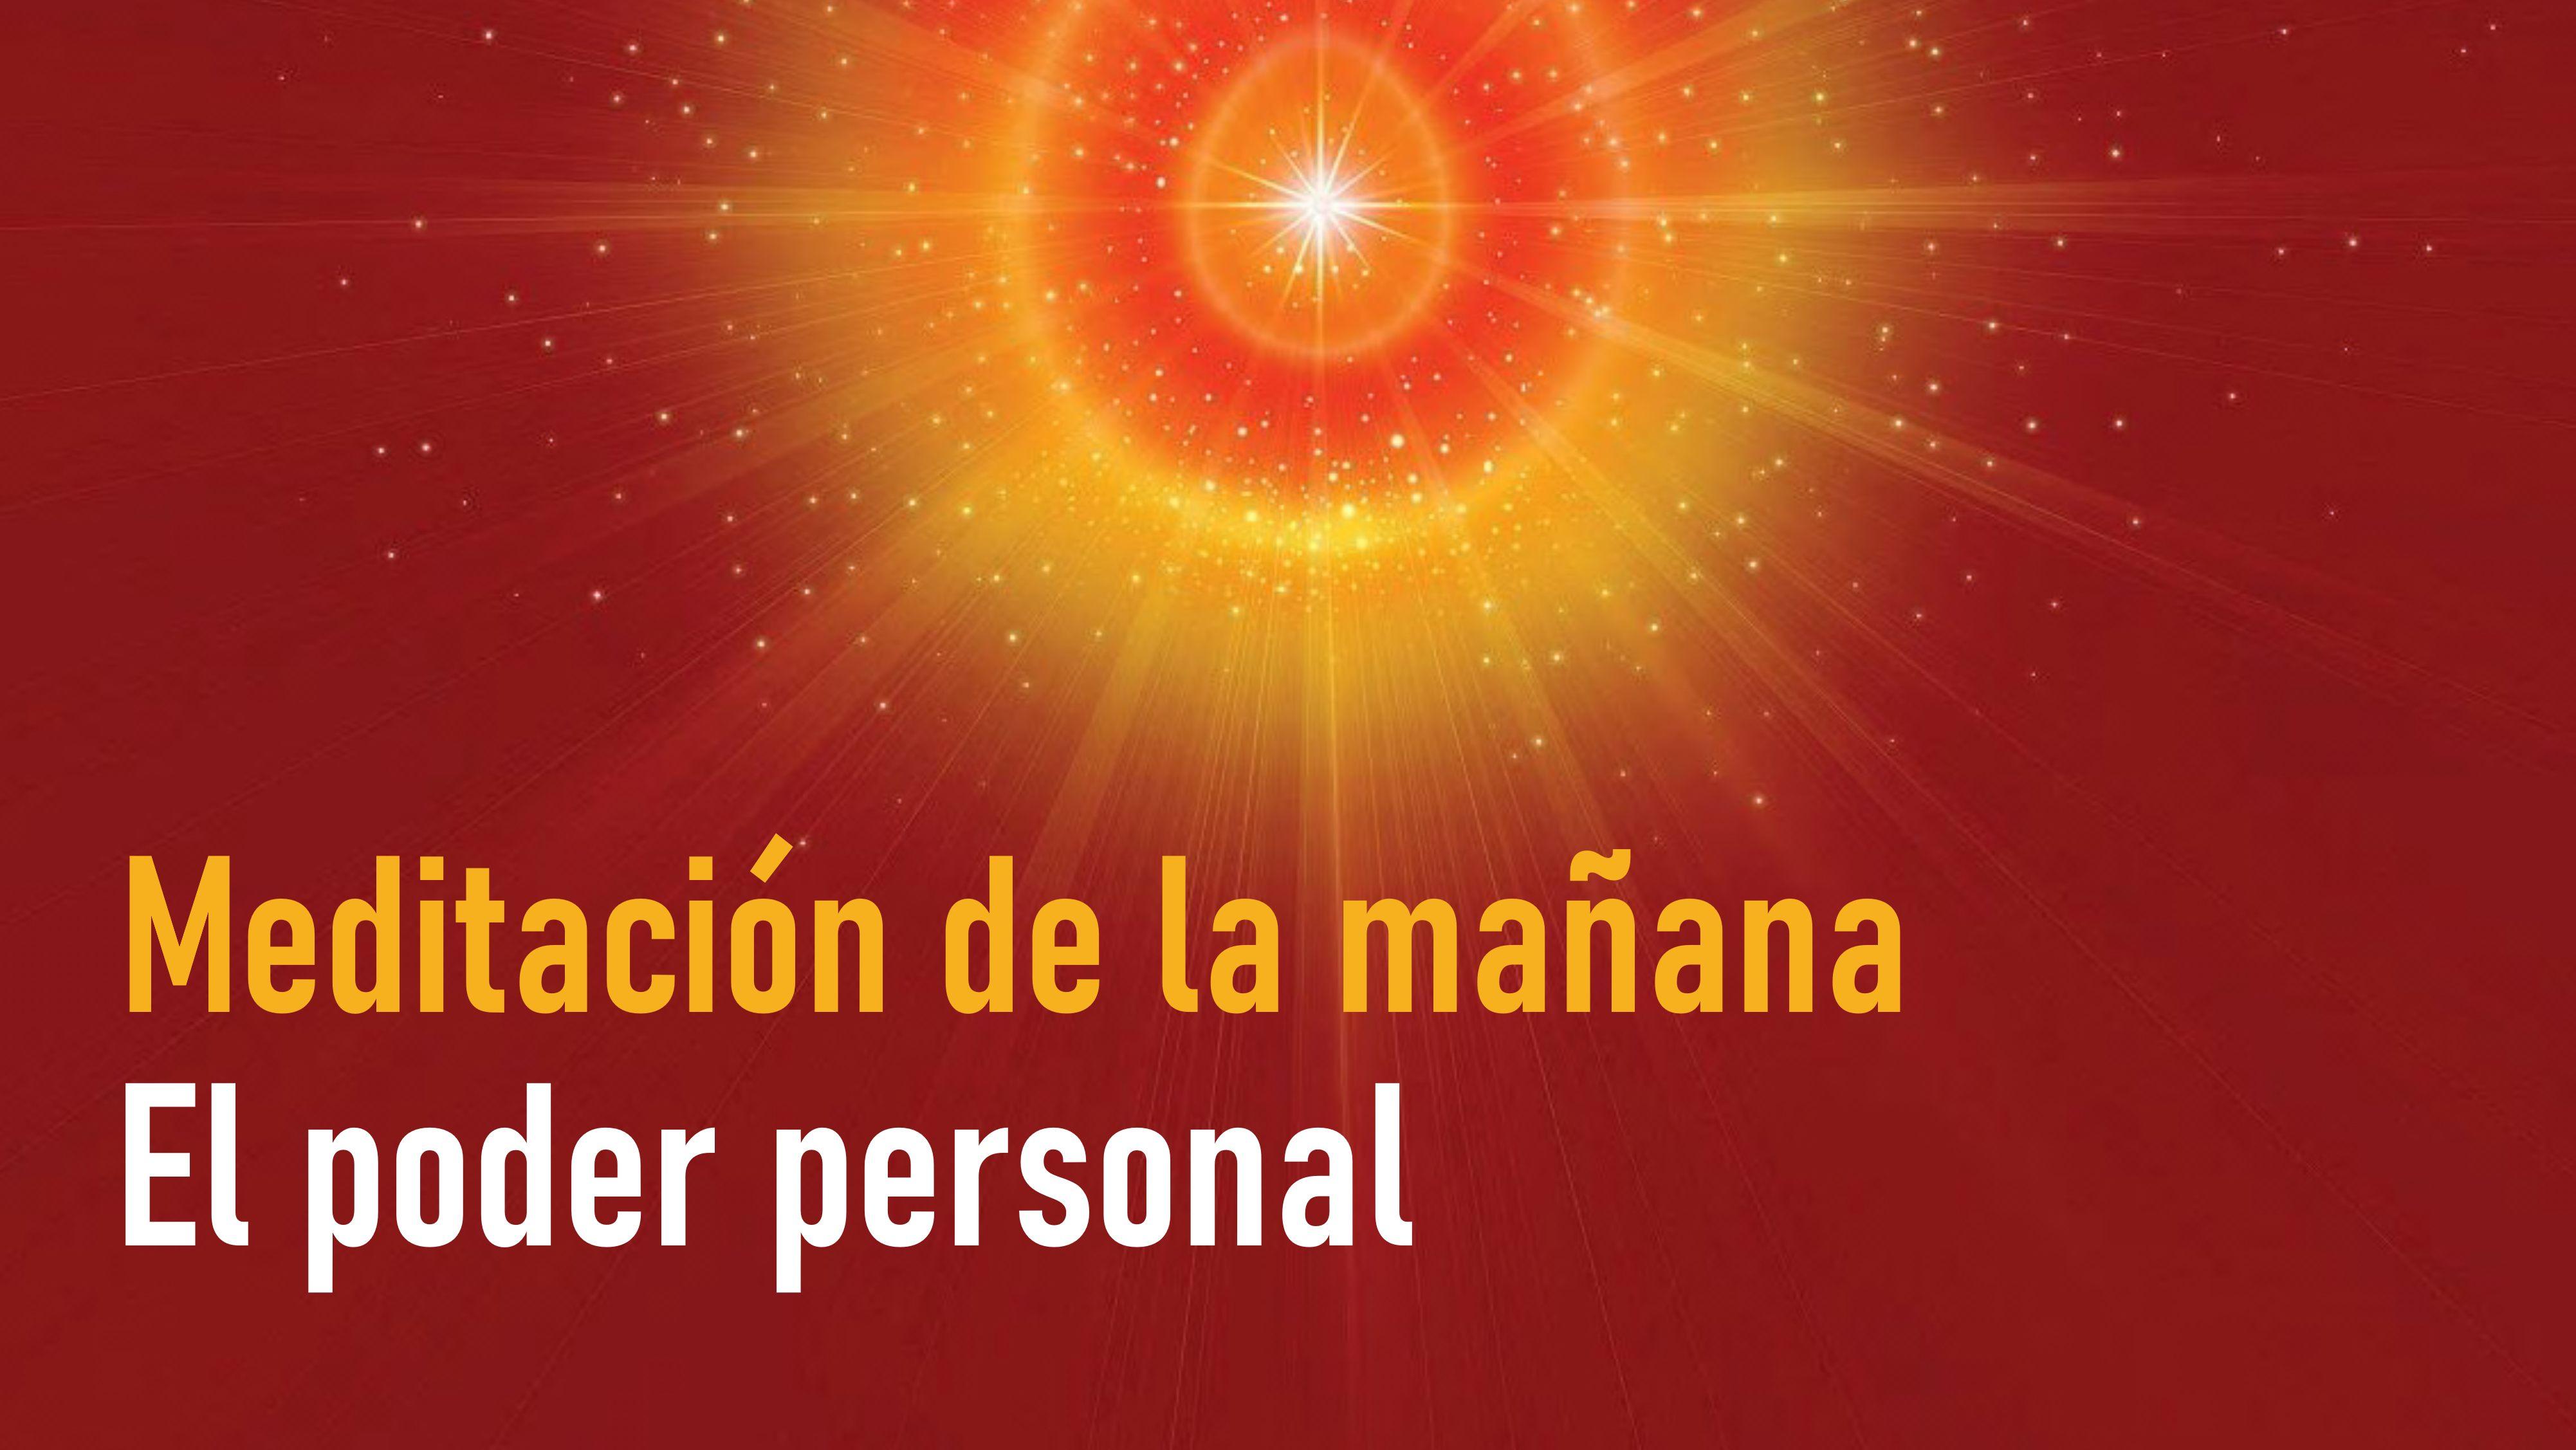 Meditación de la mañana: El poder personal (22 Septiembre 2020)